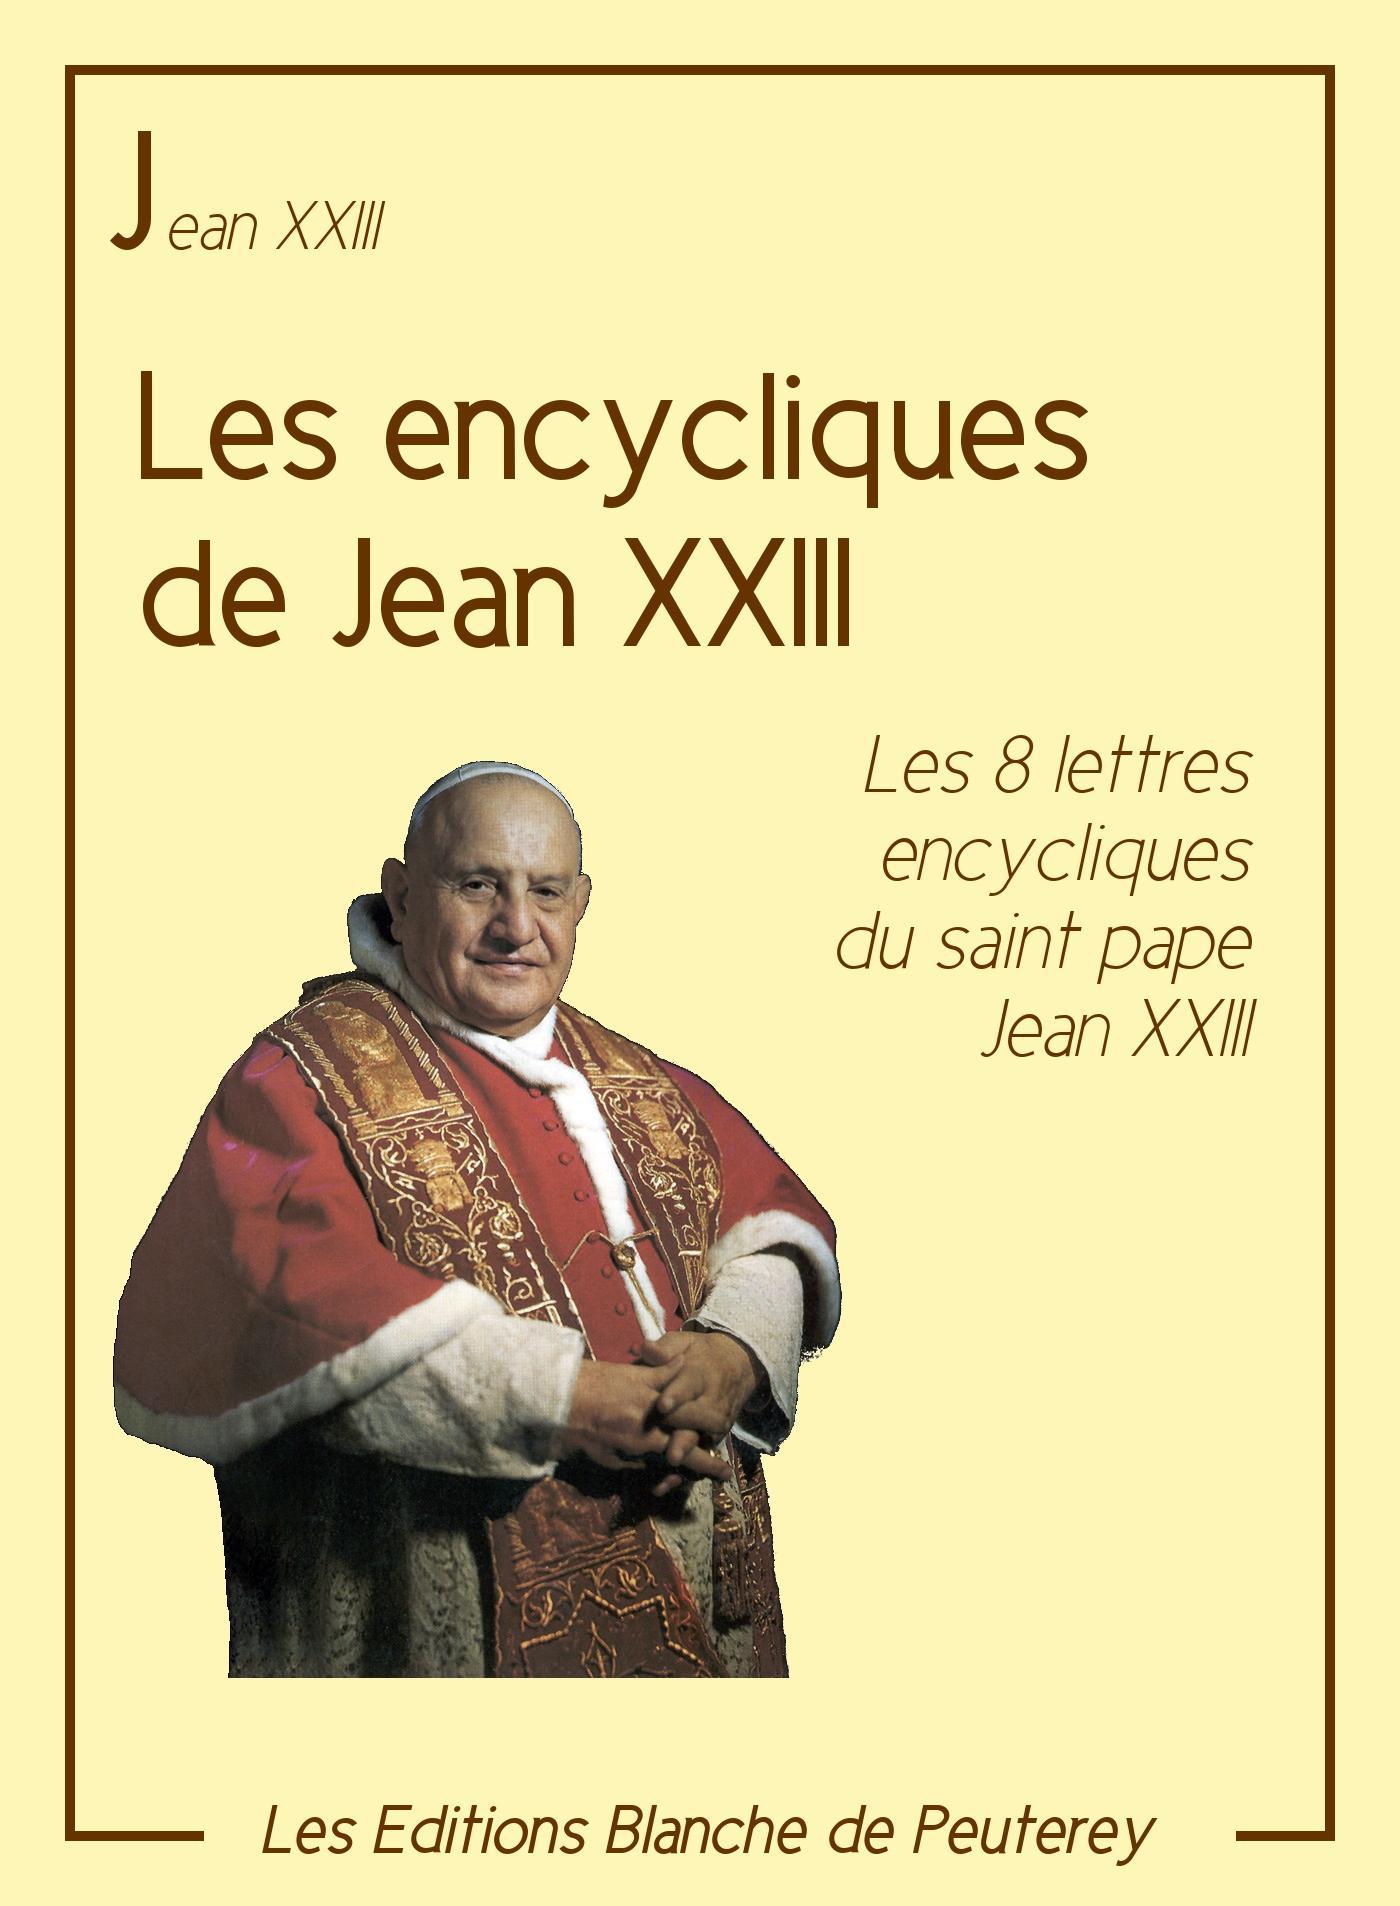 Les encycliques de Jean XXIII, LES 8 LETTRES ENCYCLIQUES DU SAINT PAPE JEAN XXIII